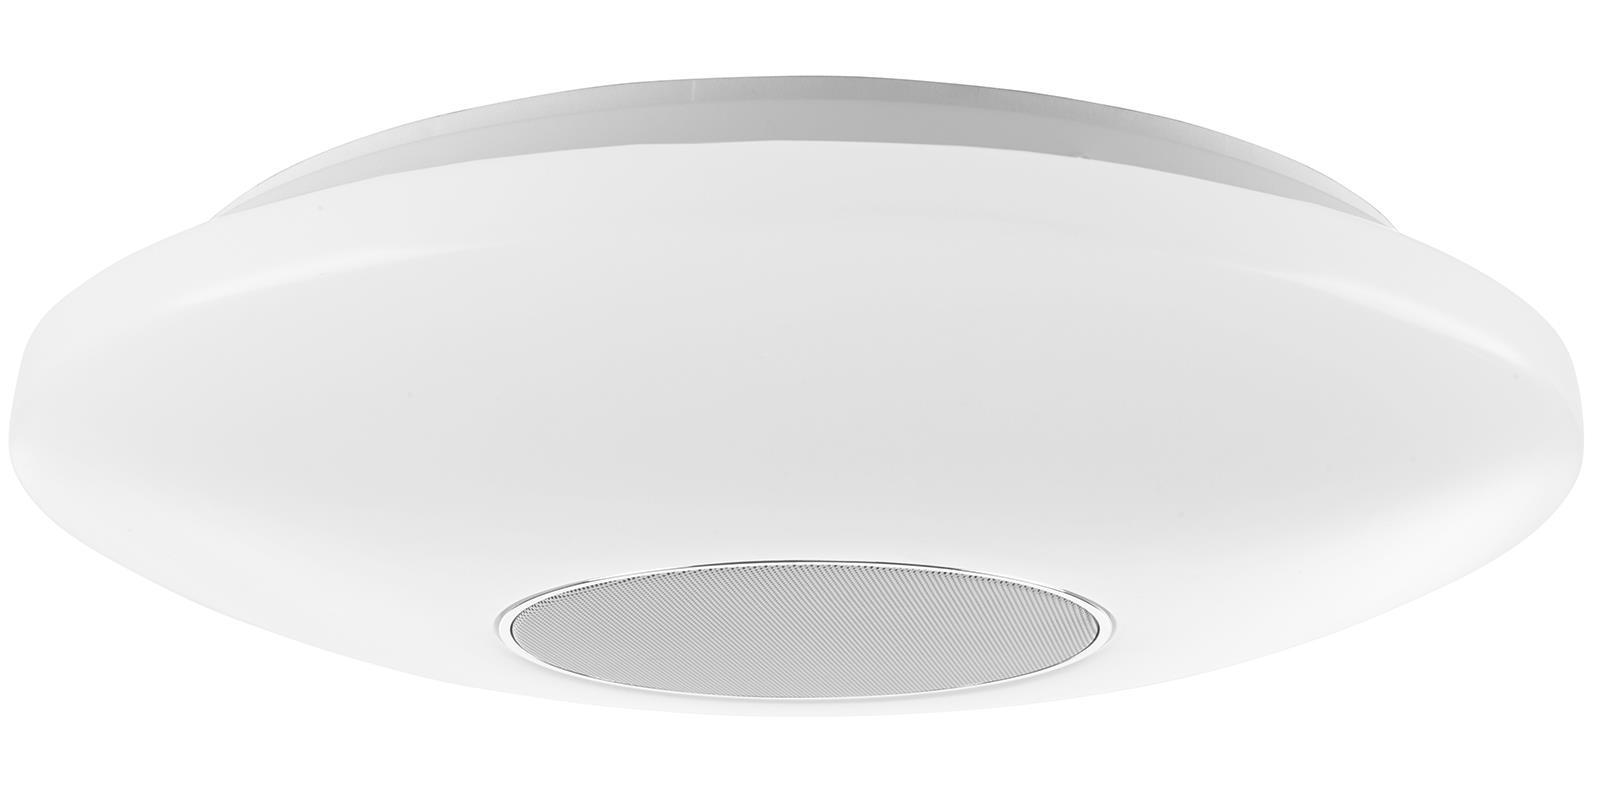 LED-Deckenleuchte mit Bluetooth-Lautsprecher Deckenlampe Lampe Leuchte Dimmbar